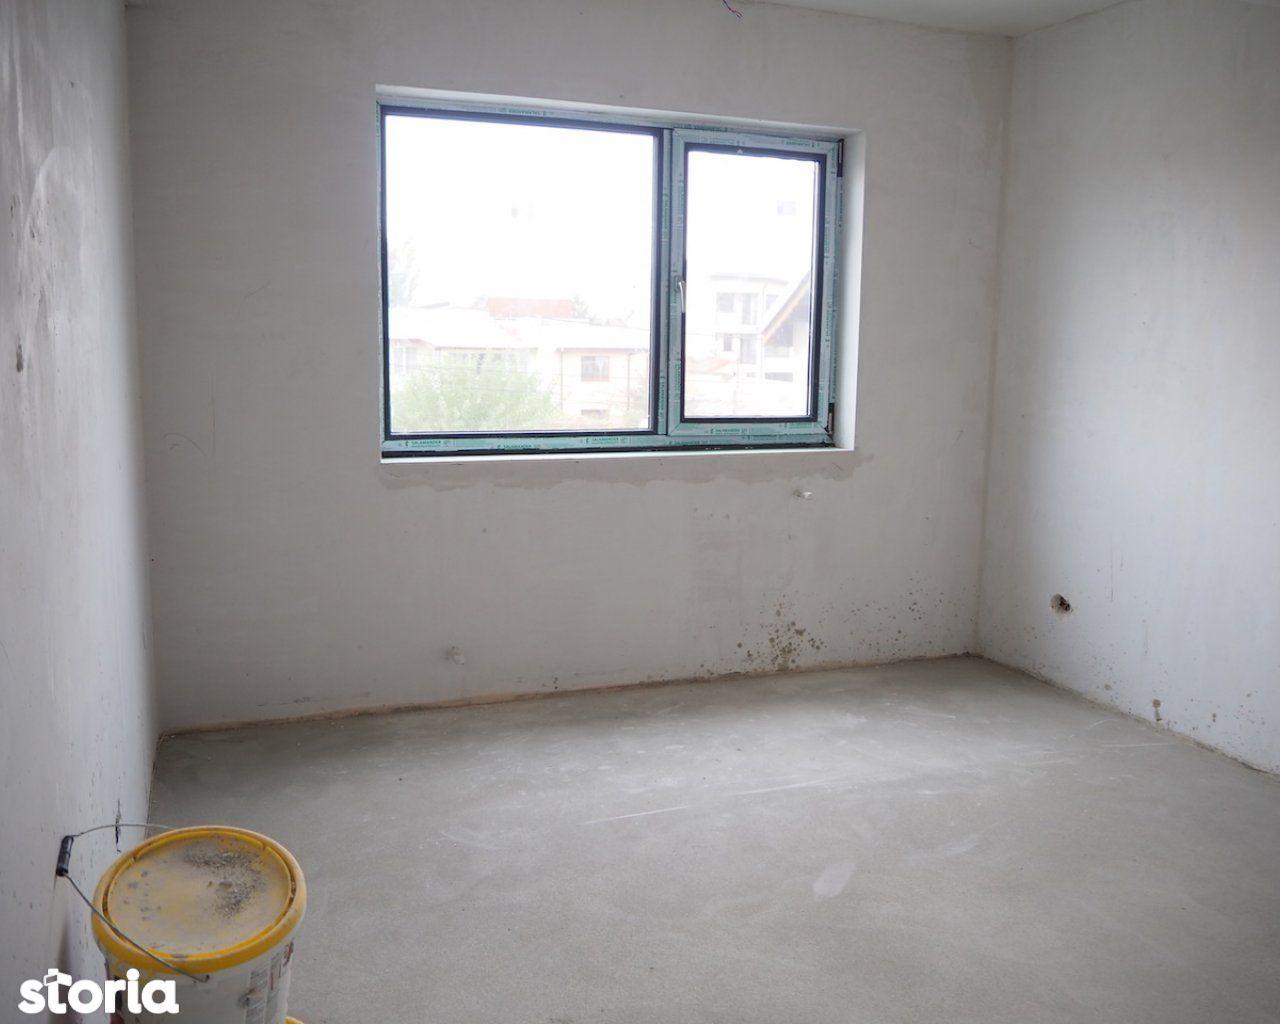 Apartament de vanzare, București (judet), Strada Sfinții Constantin și Elena - Foto 3